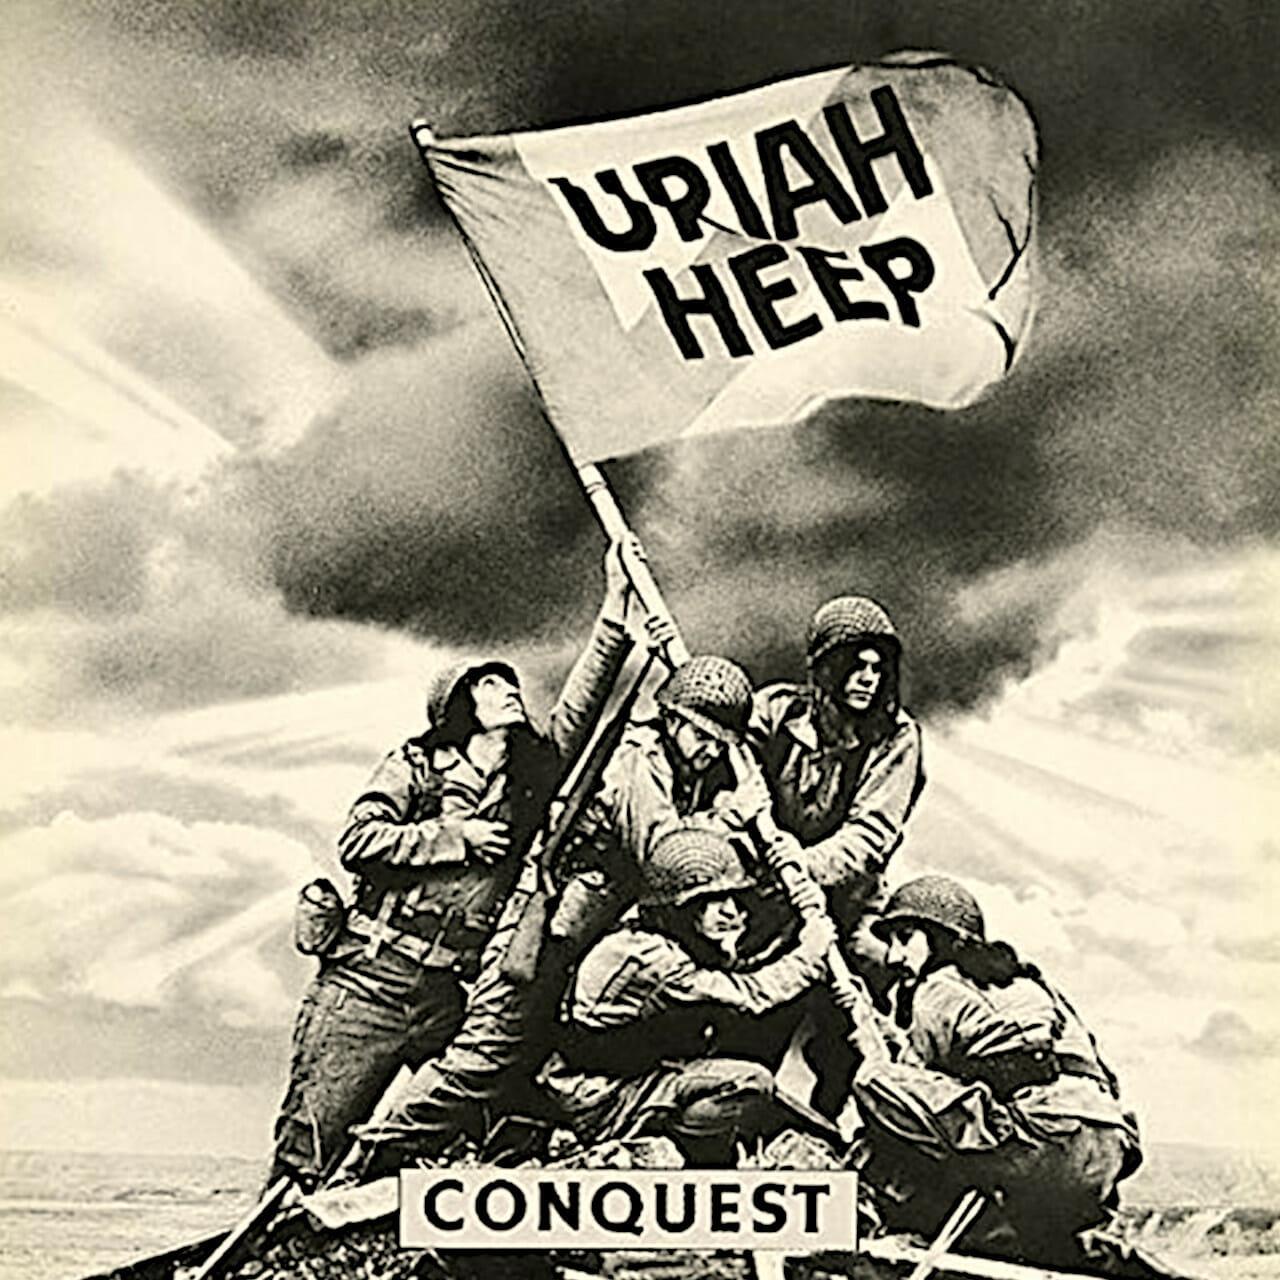 Conquista de Uriah Heep